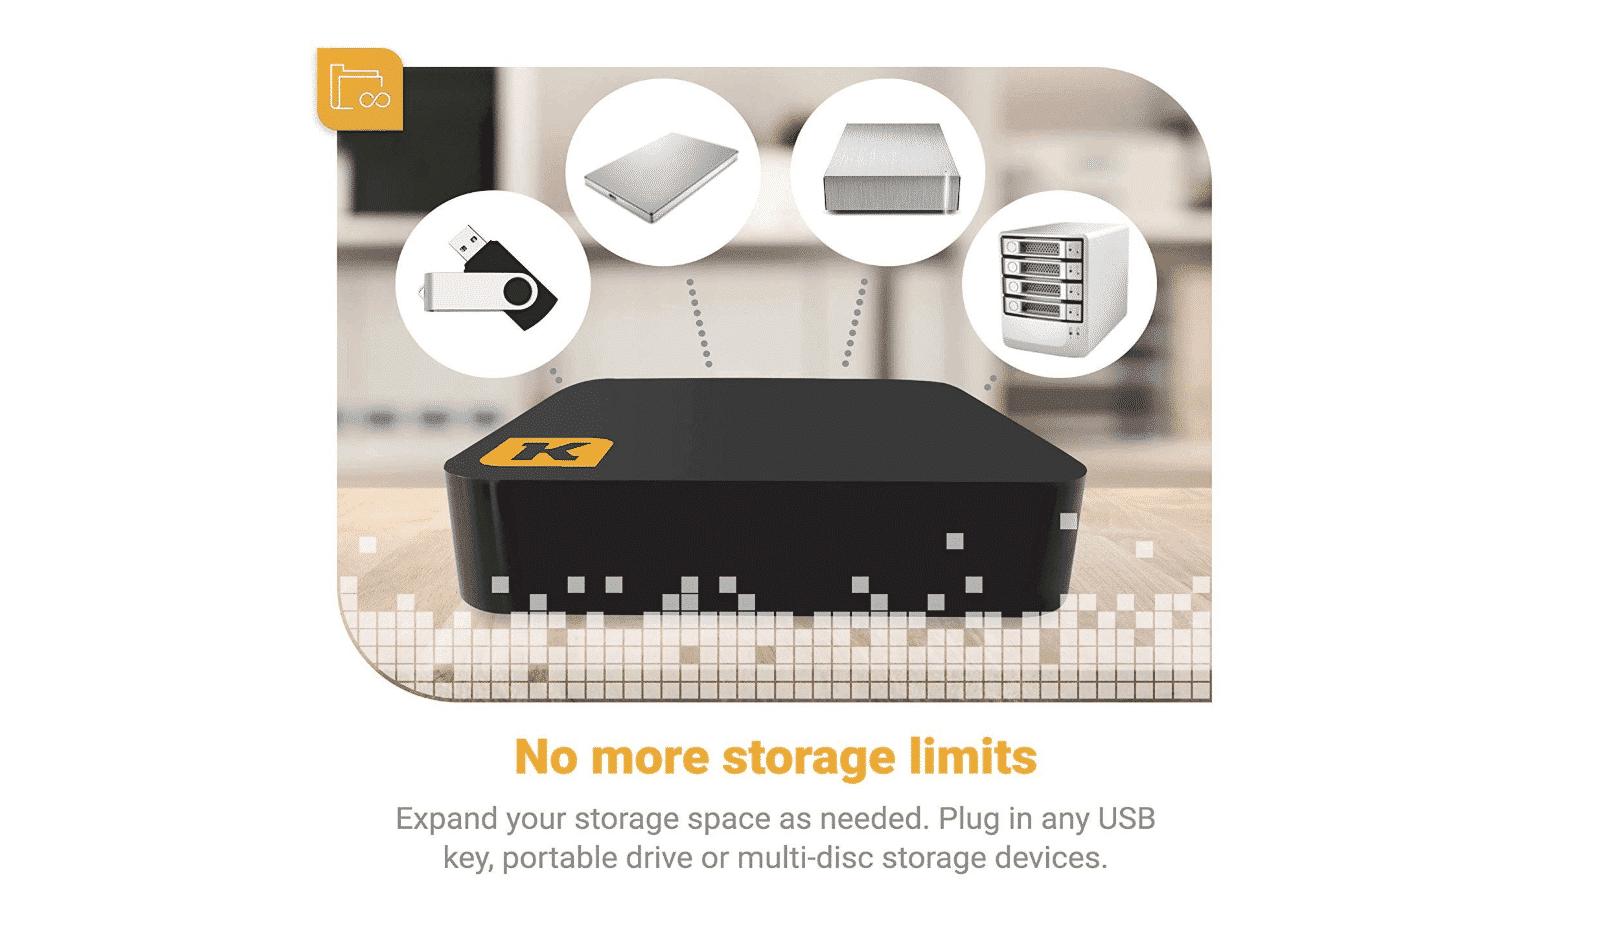 Kwiltgo Wireless Storage Drive for iPhone